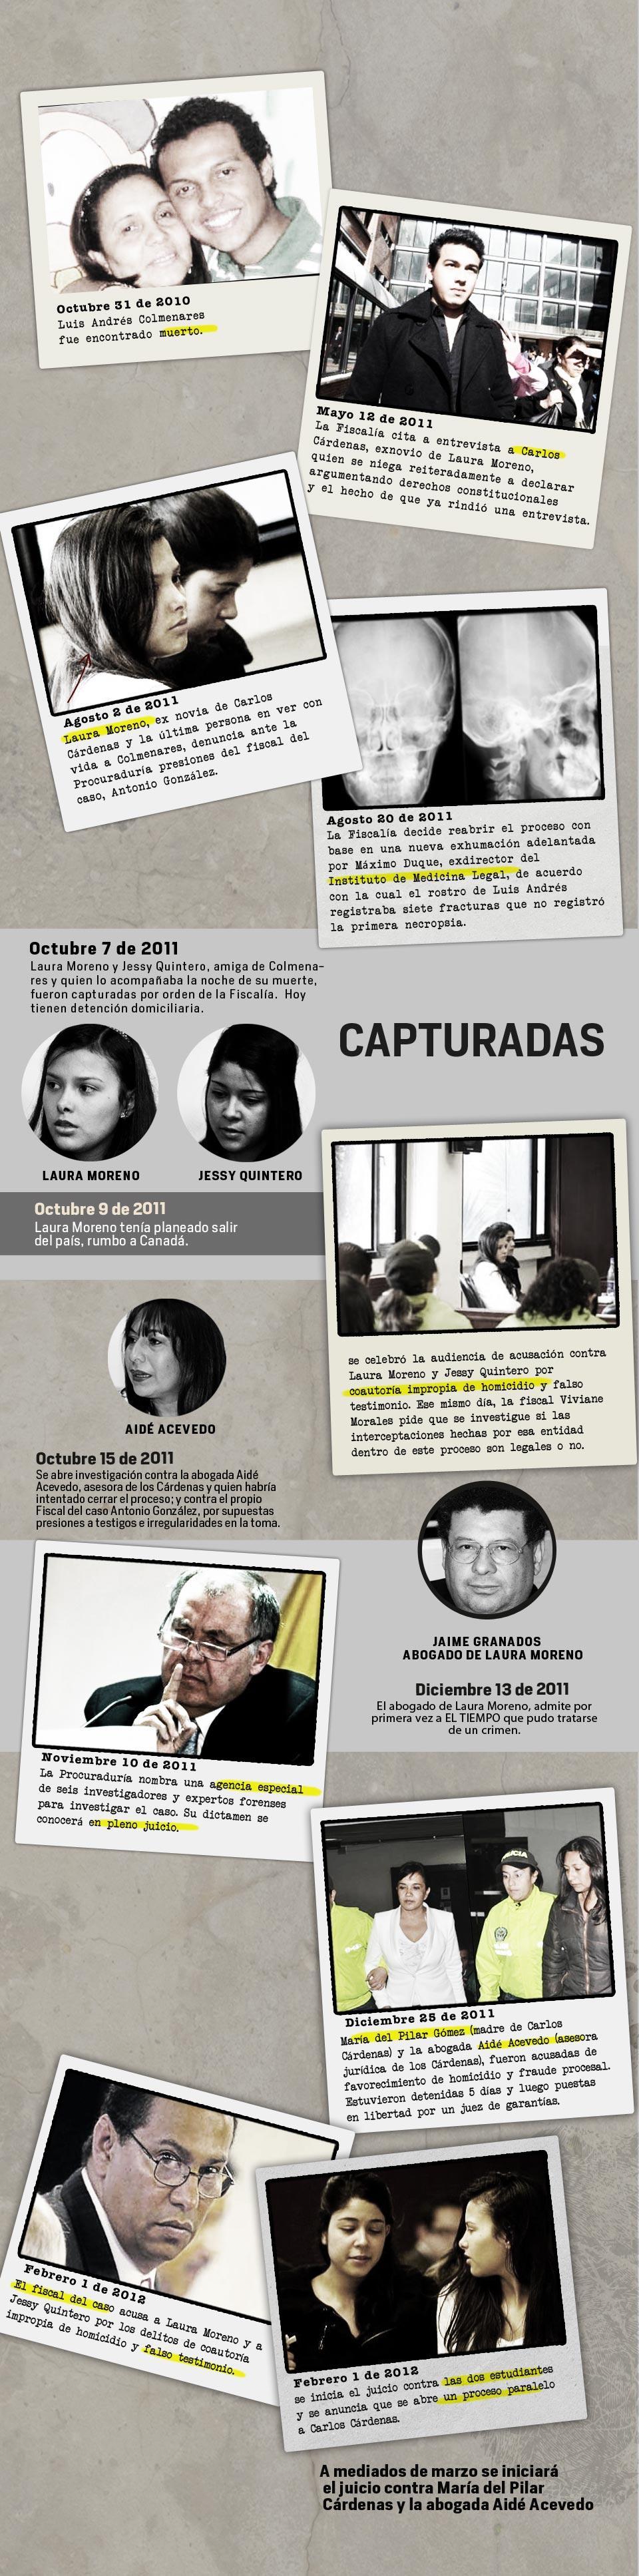 Vea paso a paso el caso de la muerte de Luis Andrés Colmenares